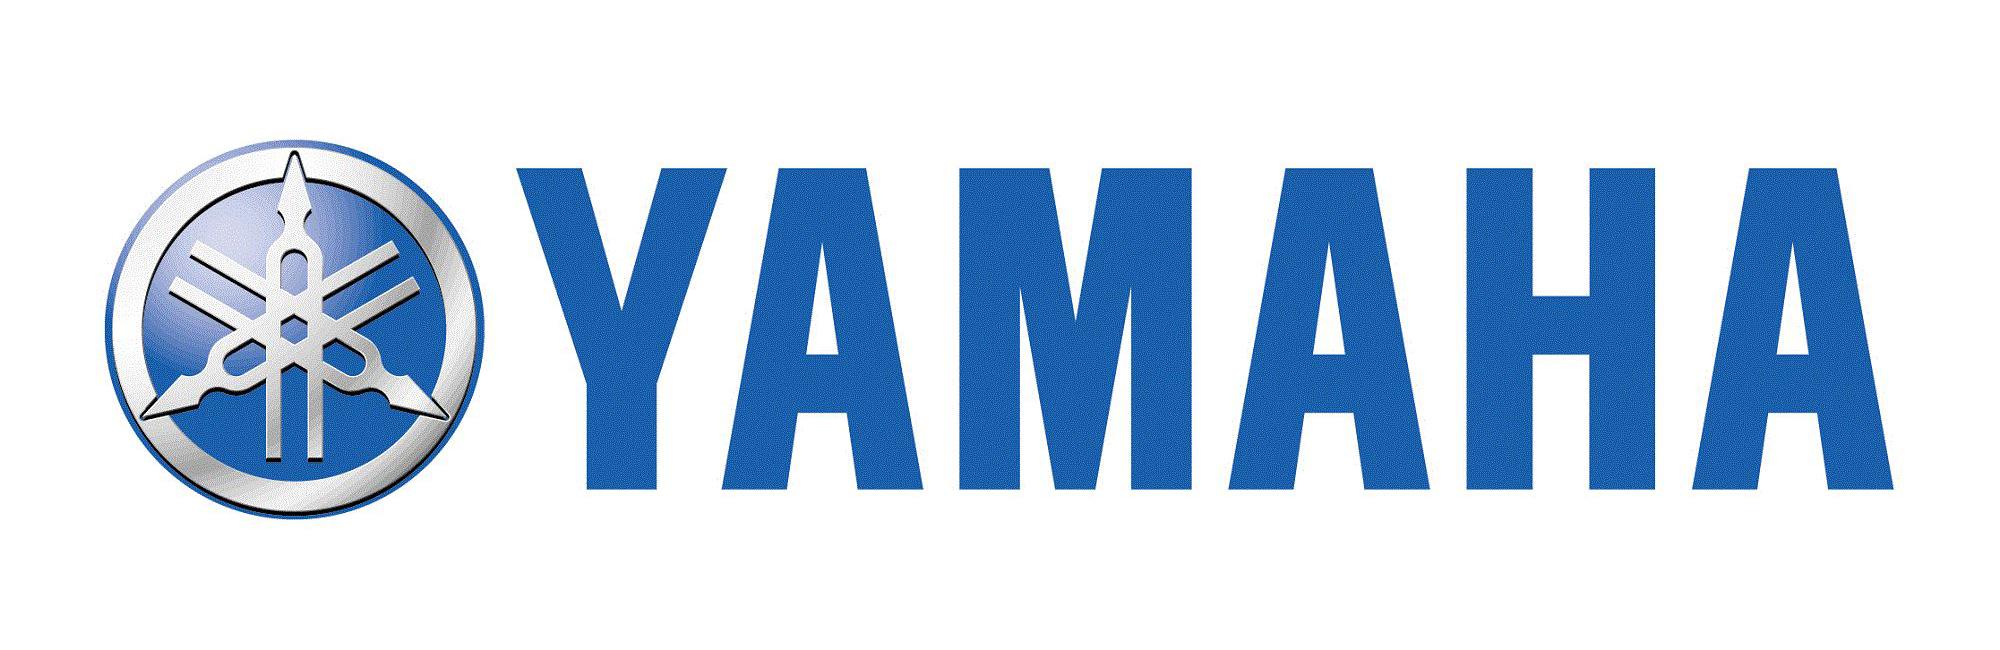 image logo yamaha